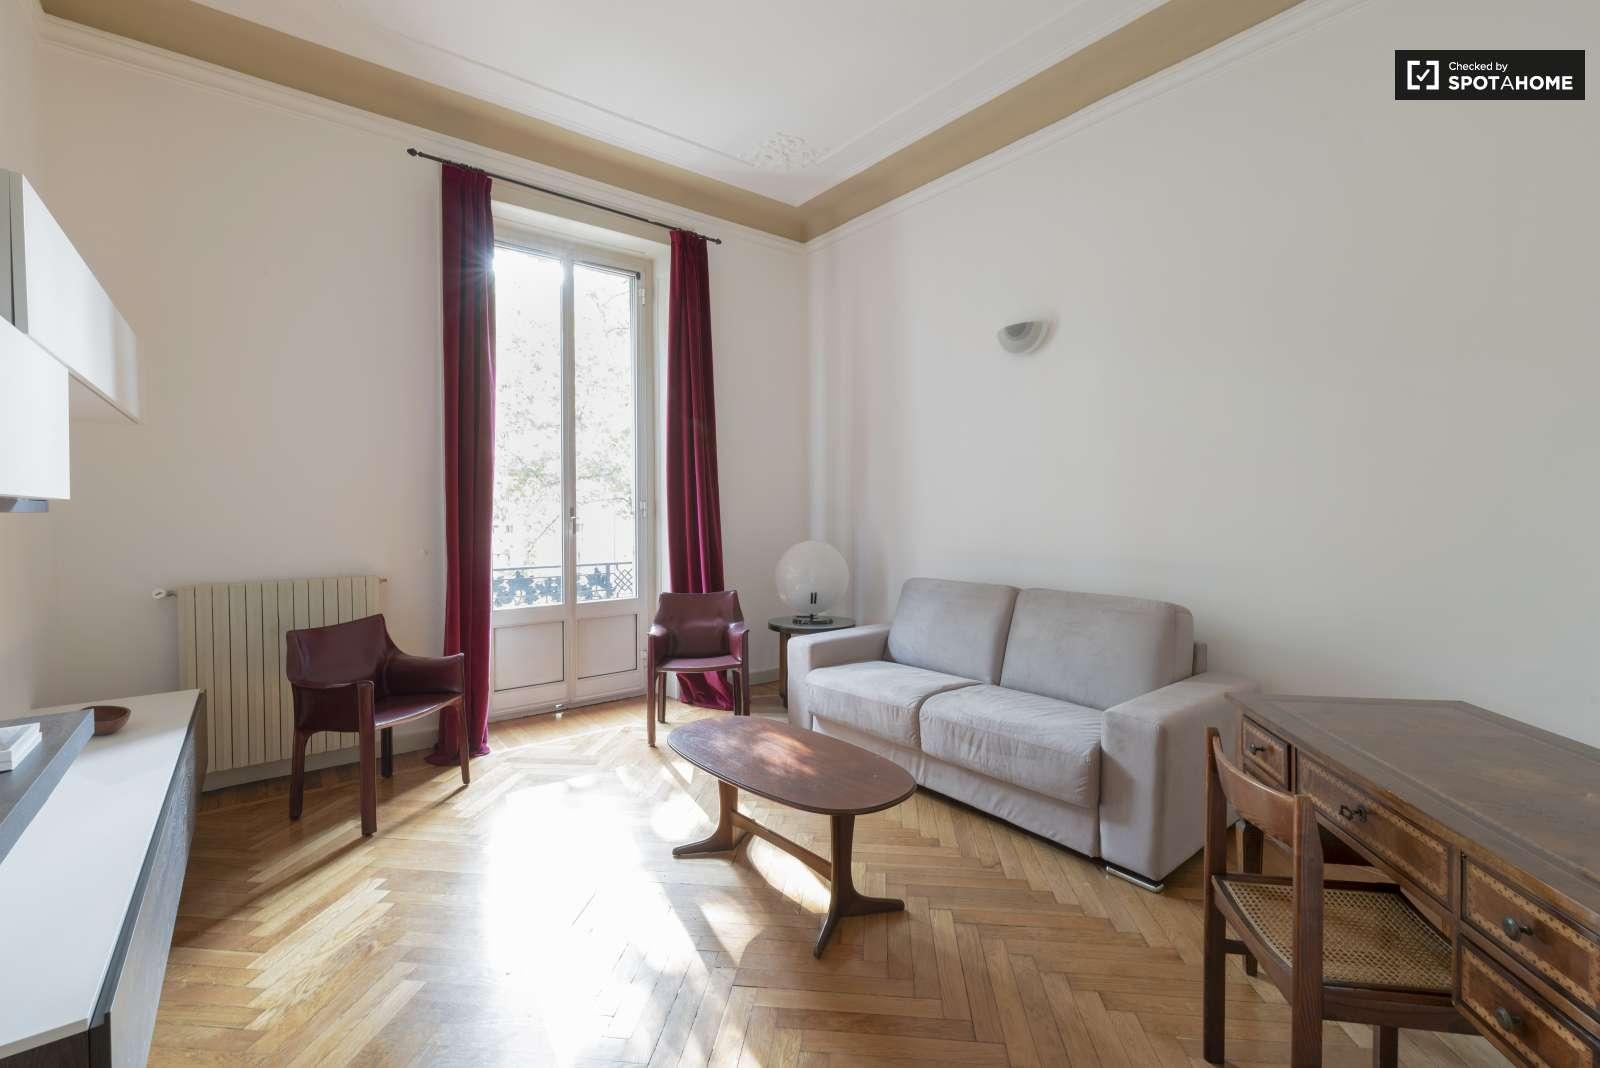 1 camera da letto a parte. Piazza Cinque Giornate (Guastalla ...